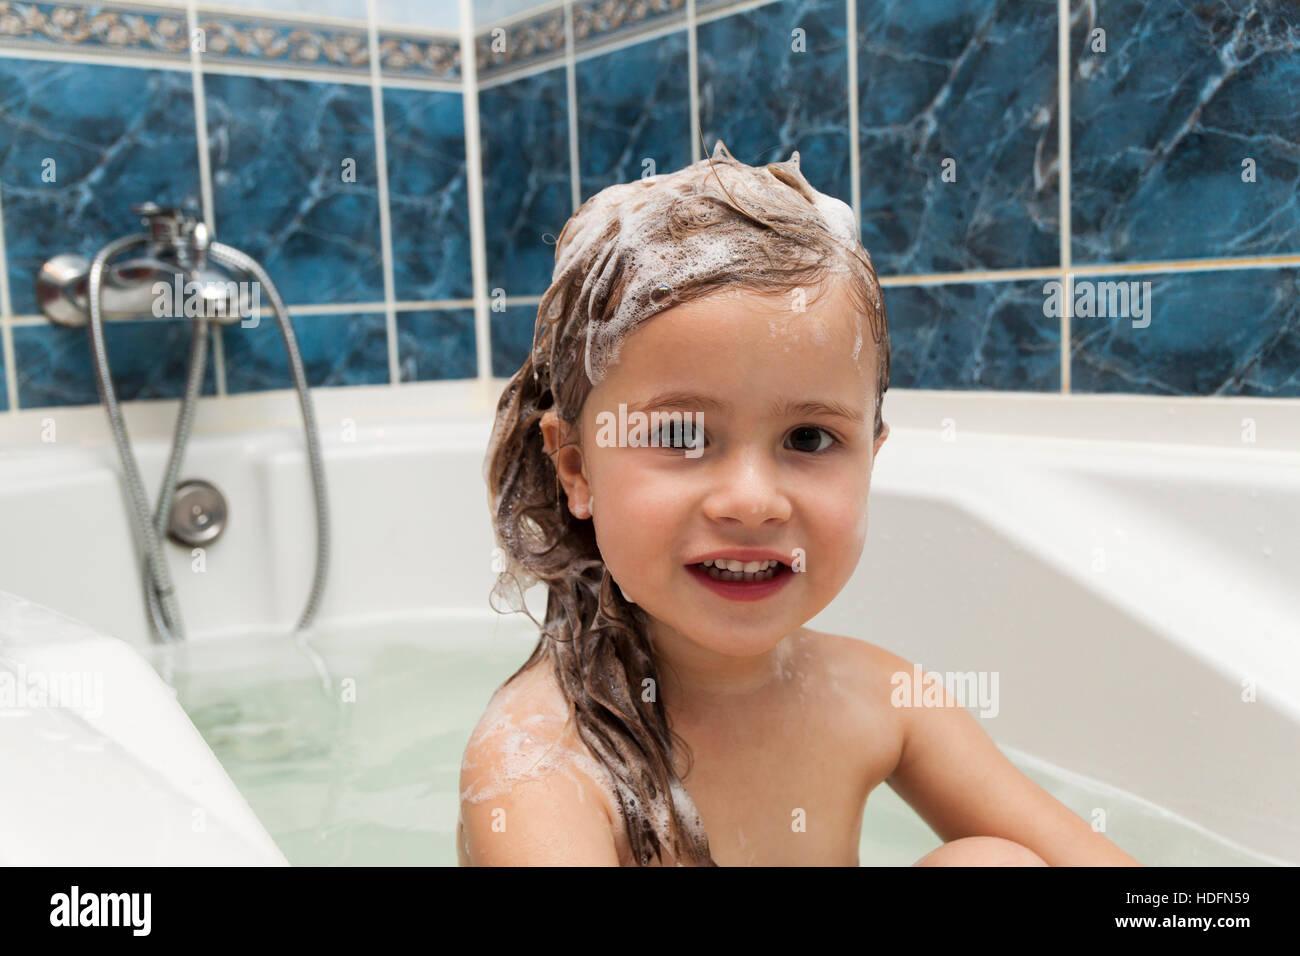 niedliche kleine m dchen w scht ihre haare sauberen kind nach dusche kinder hygiene kind. Black Bedroom Furniture Sets. Home Design Ideas